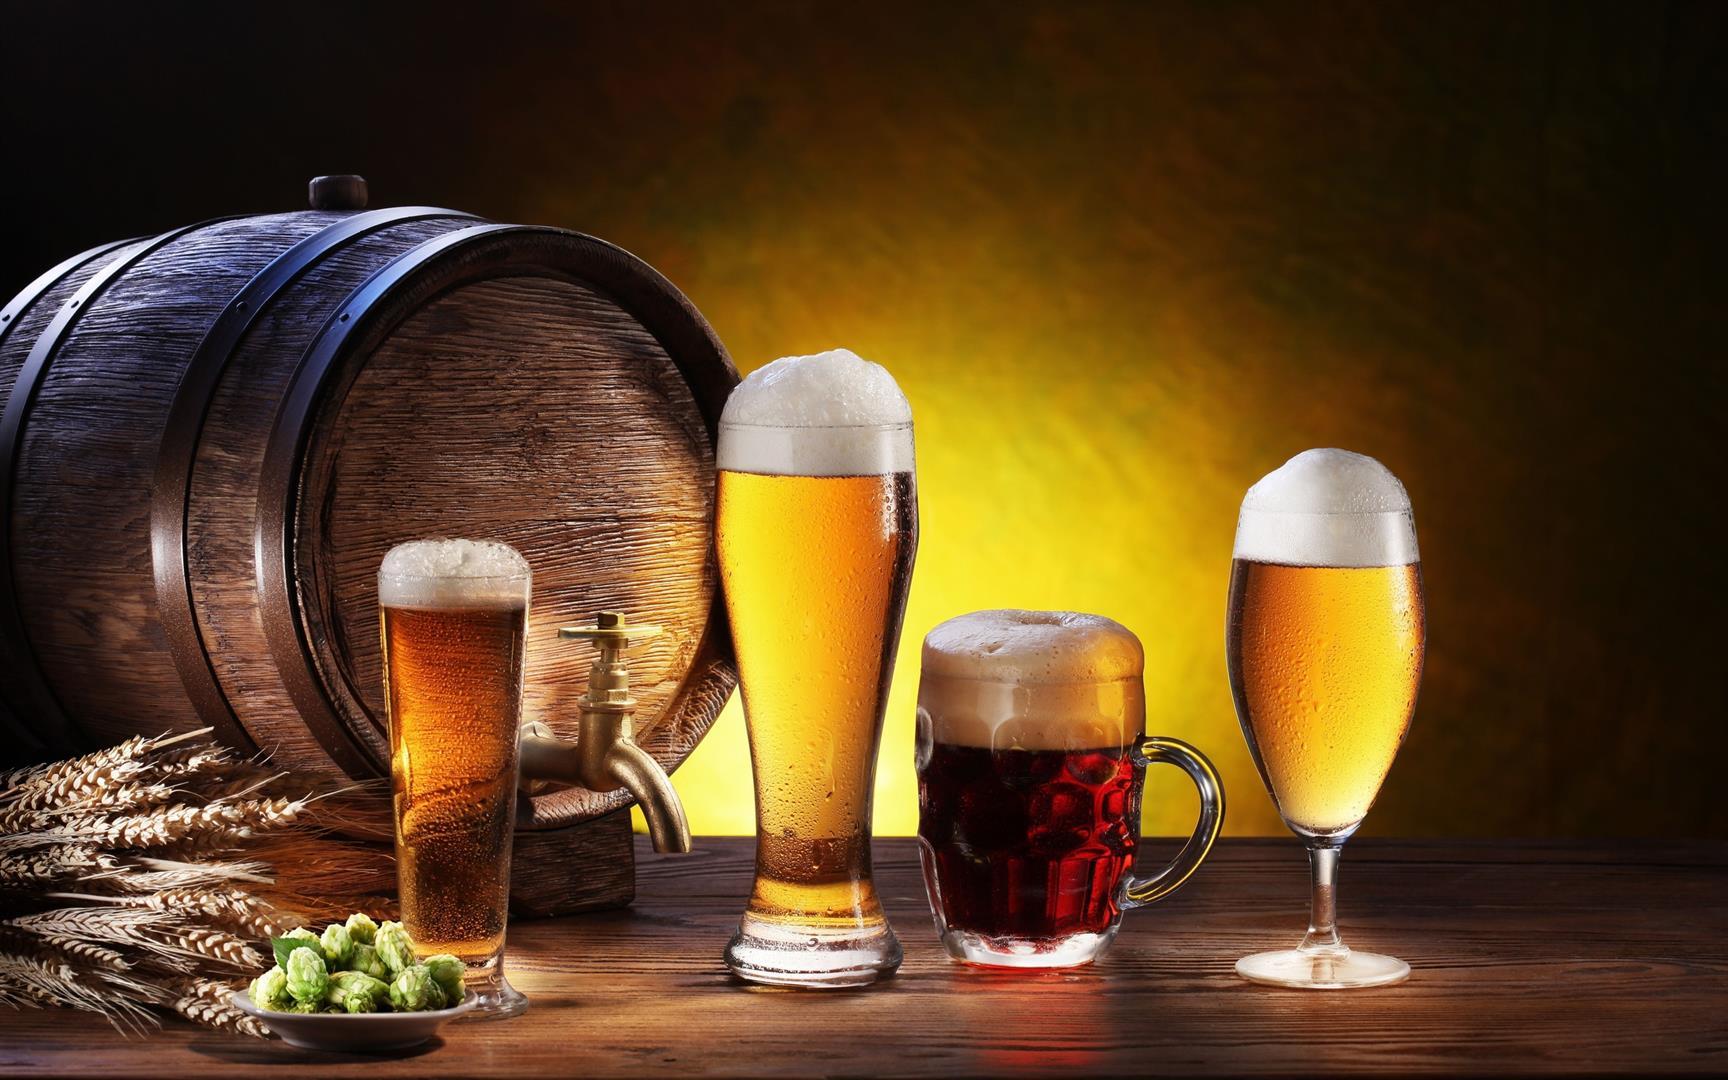 Поздравляем с Днём пивовара! Ячмень, солод, хмель